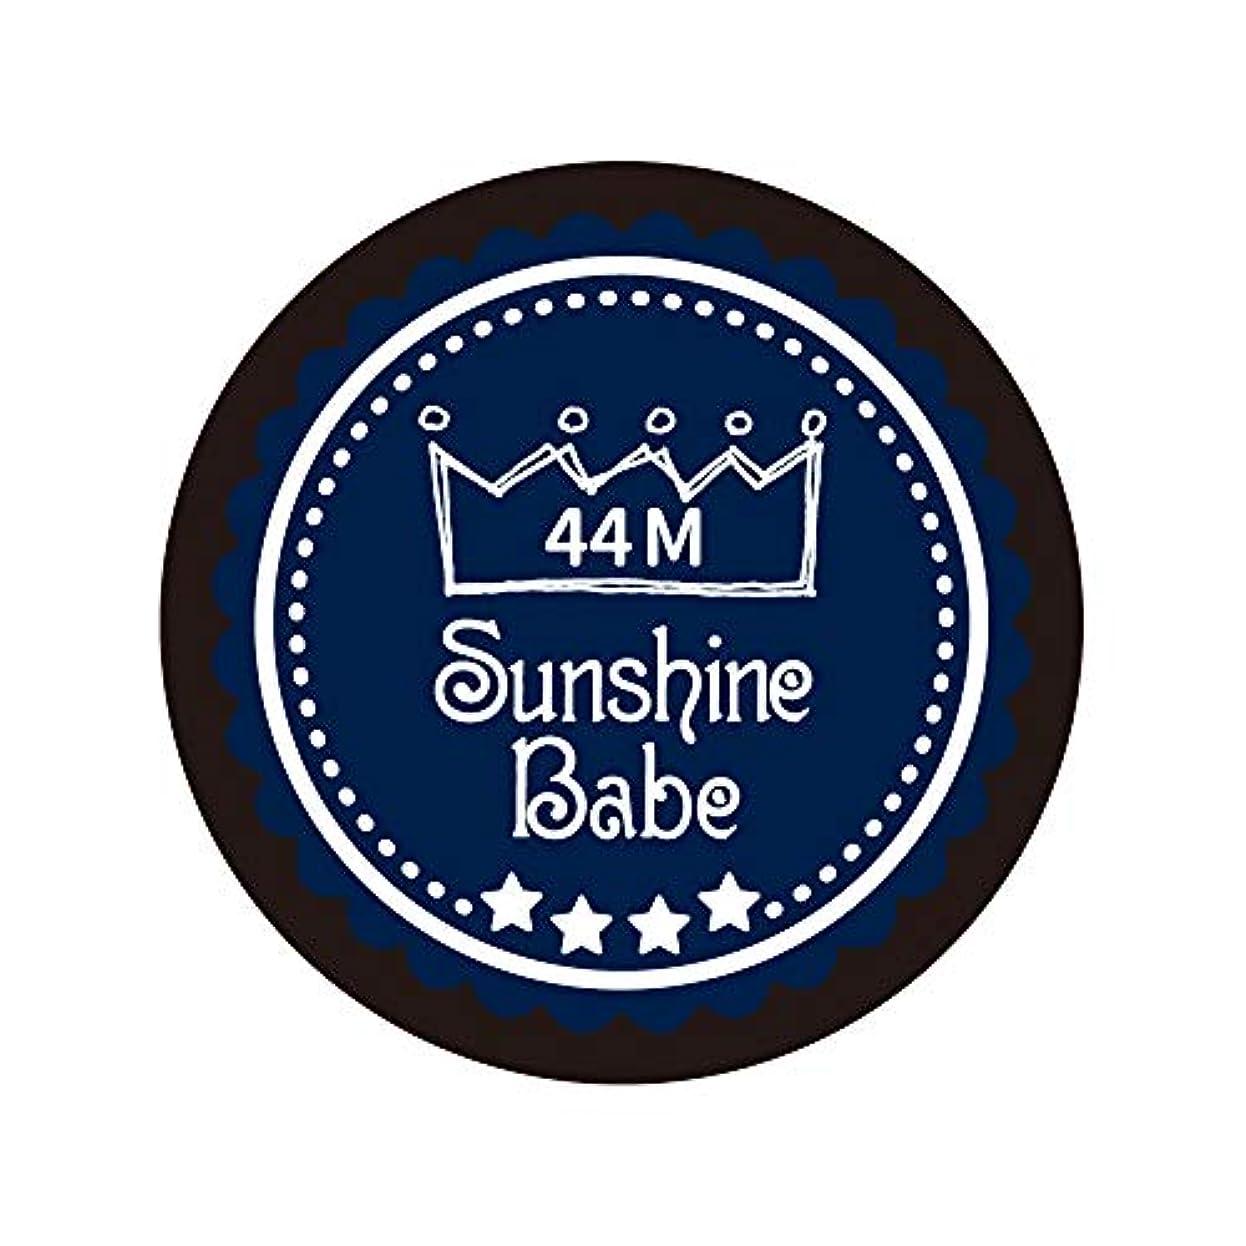 墓兄実証するSunshine Babe カラージェル 44M クラシックネイビー 4g UV/LED対応